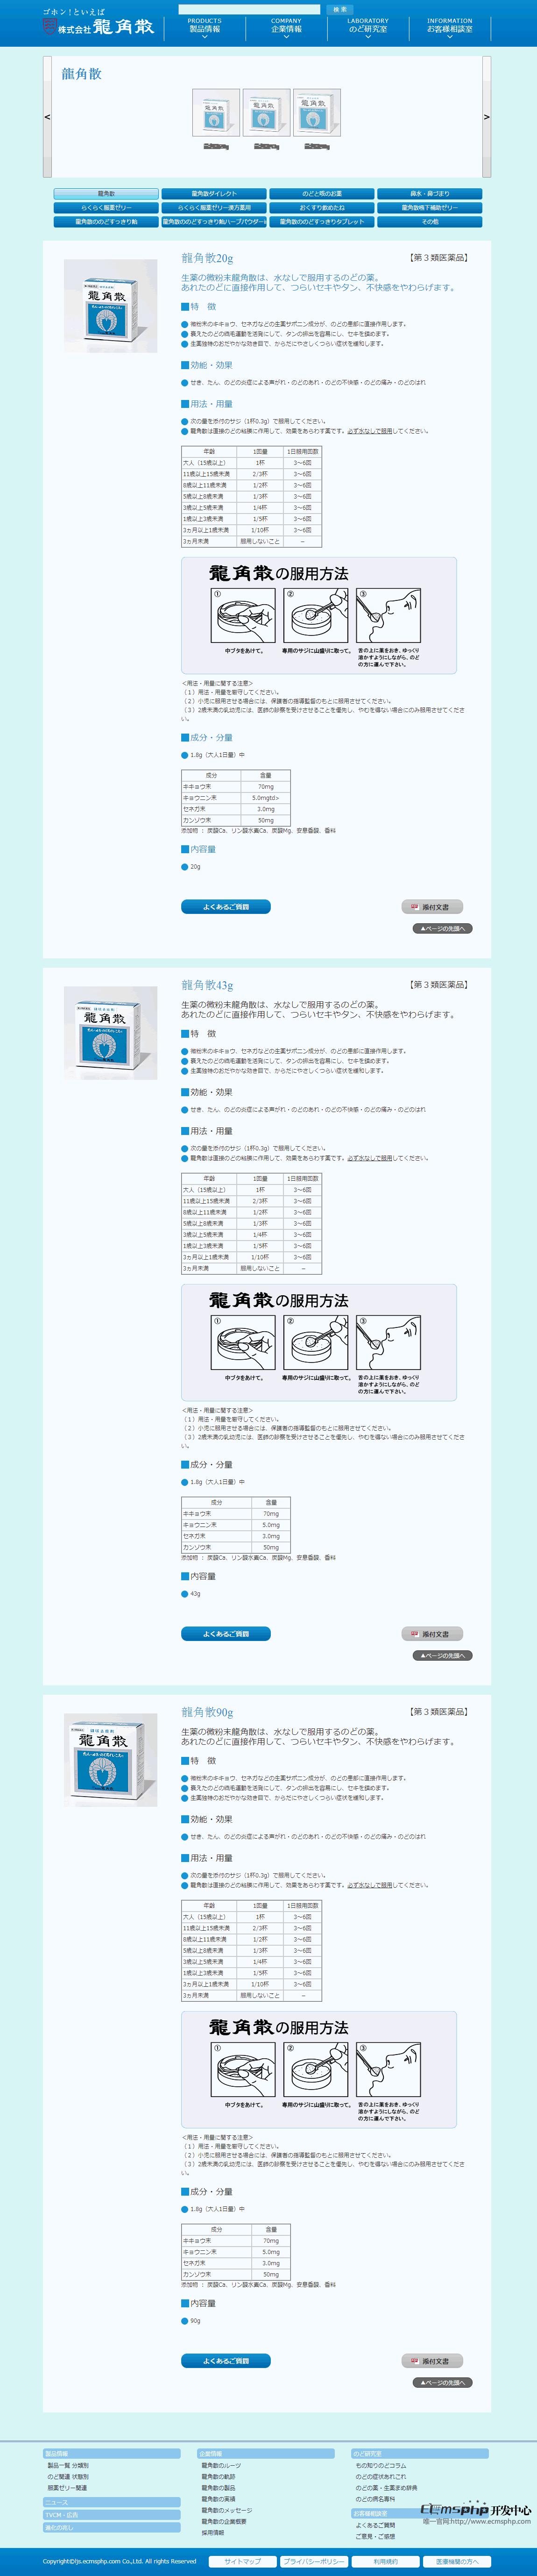 帝国cms模板案例_帝国cms日本龙角散官网案例